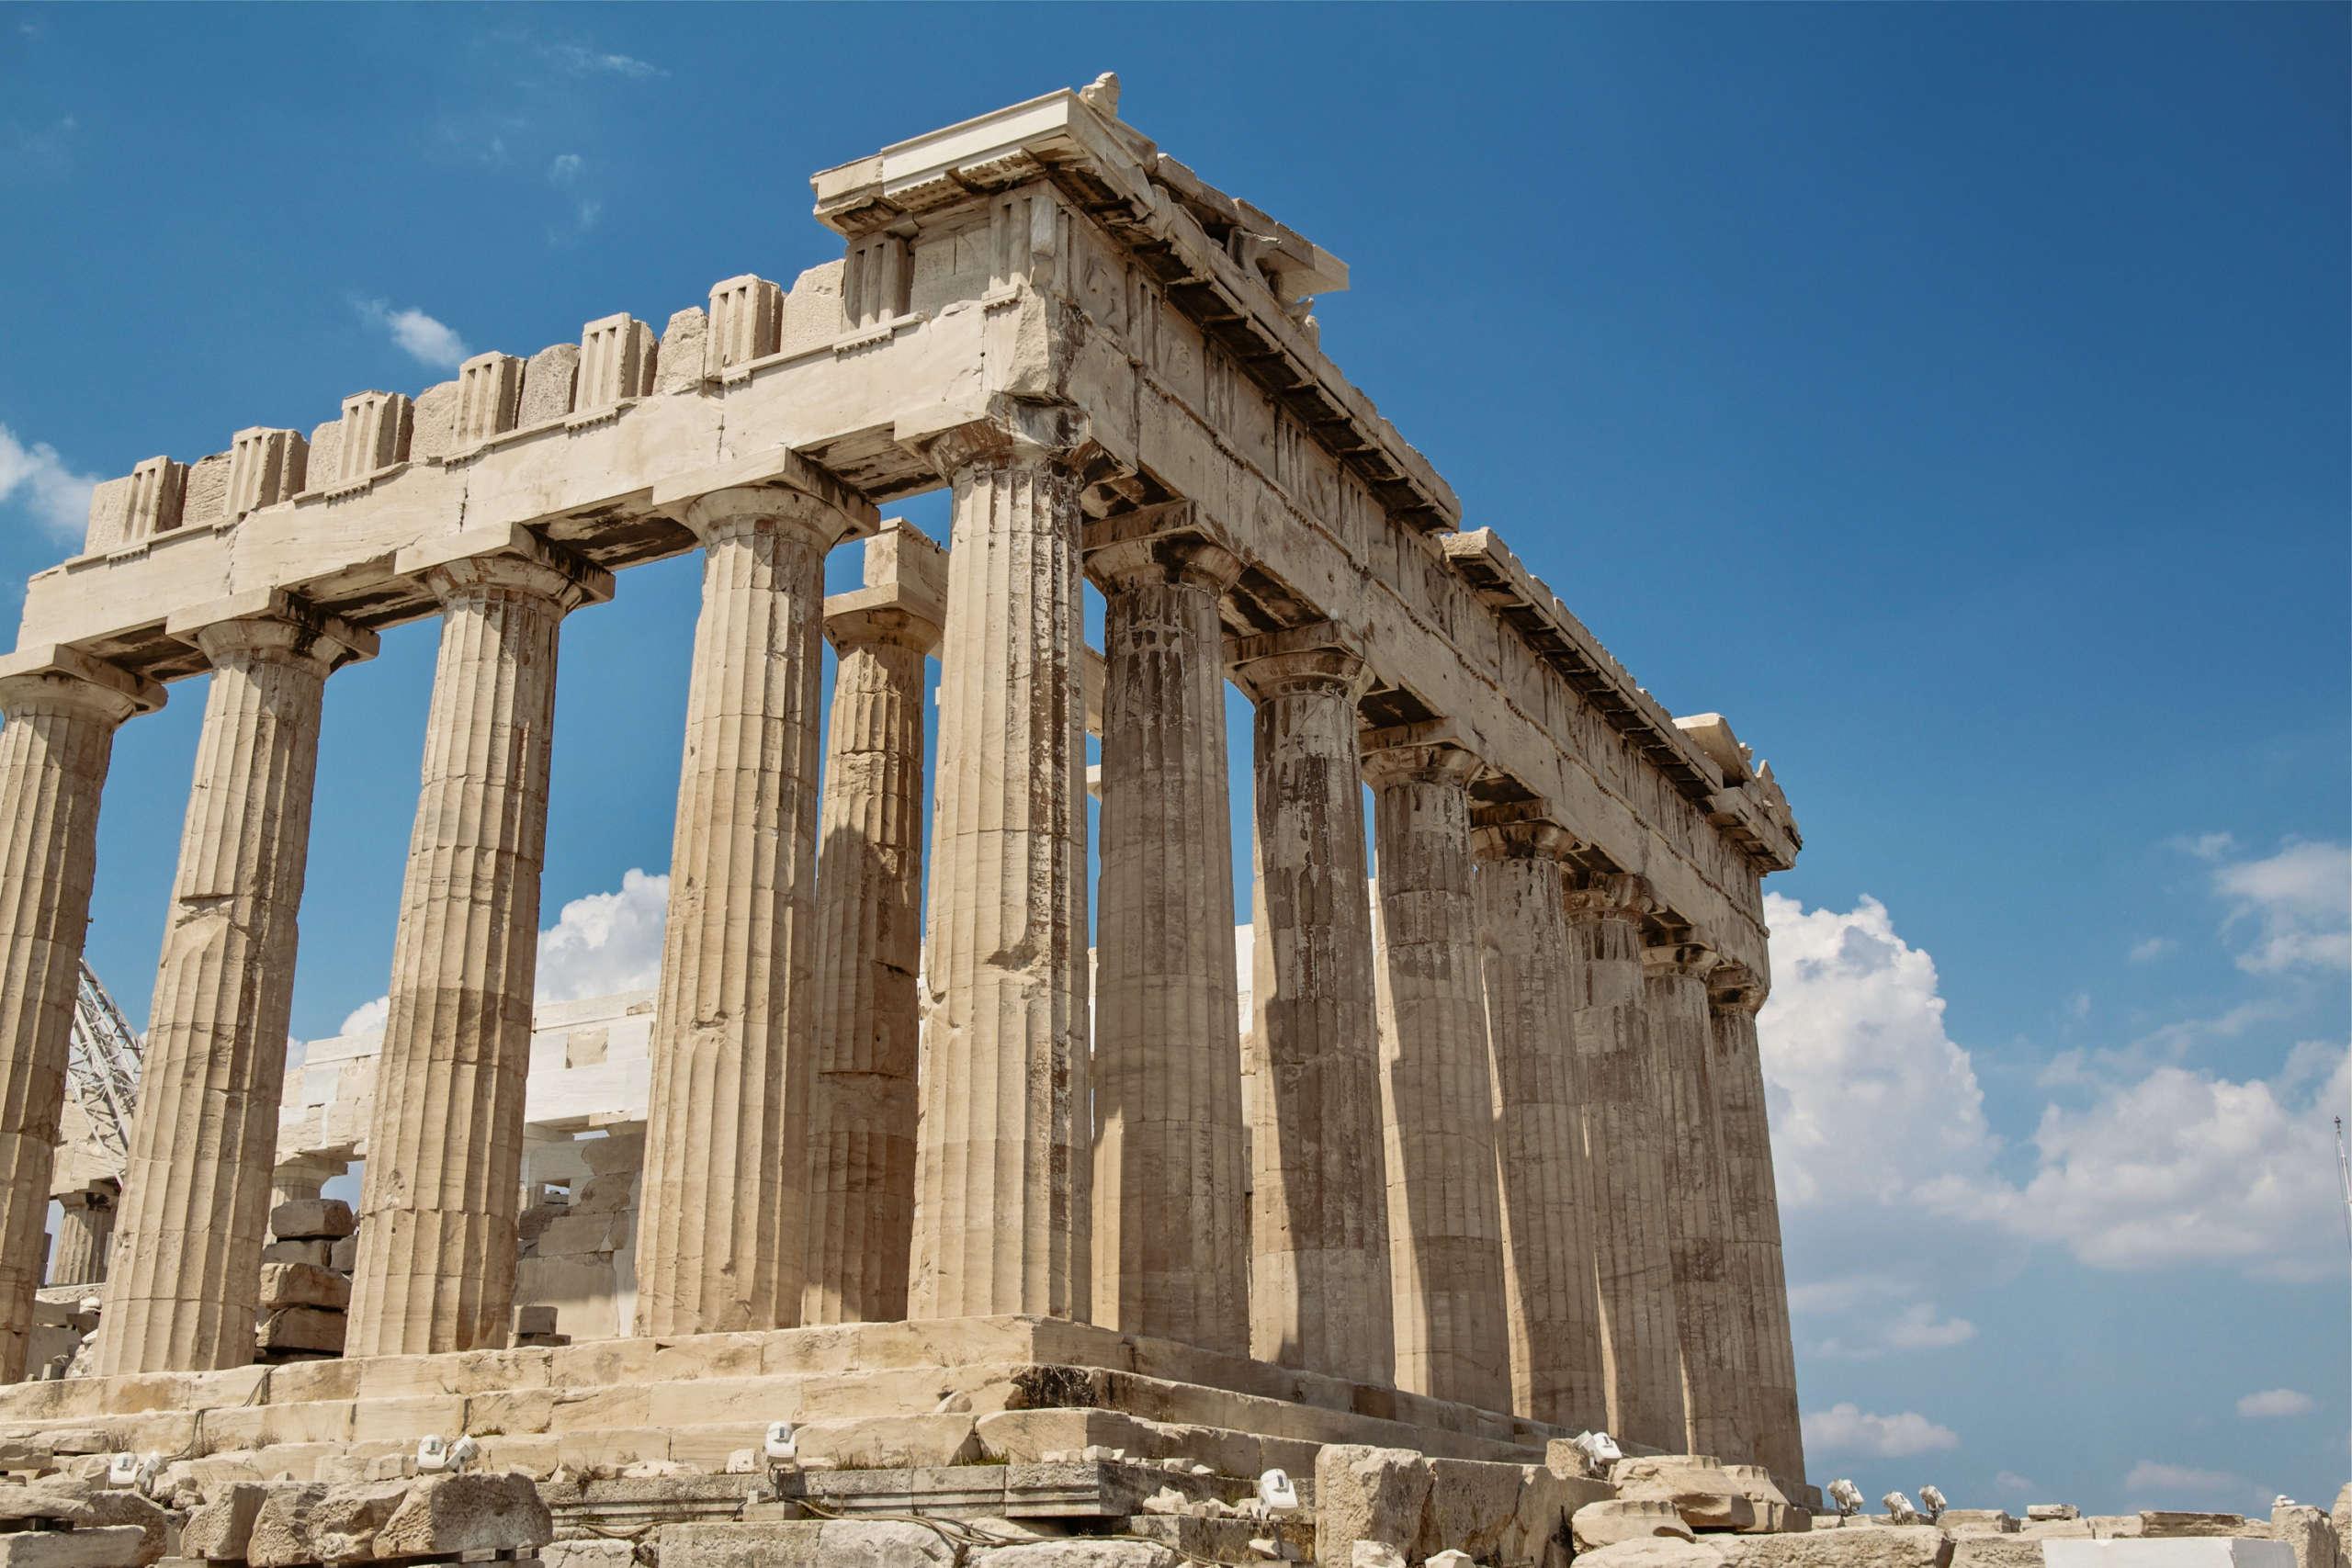 Ein Tempel auf der Akropolis in Athen aus der Froschperspektive, darüber blauer Himmel.